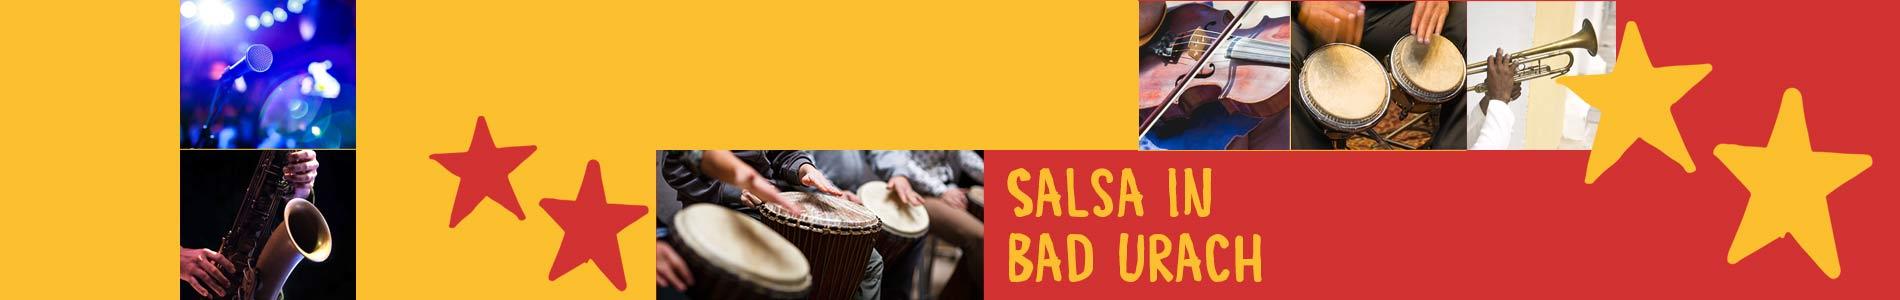 Salsa in Bad Urach – Salsa lernen und tanzen, Tanzkurse, Partys, Veranstaltungen